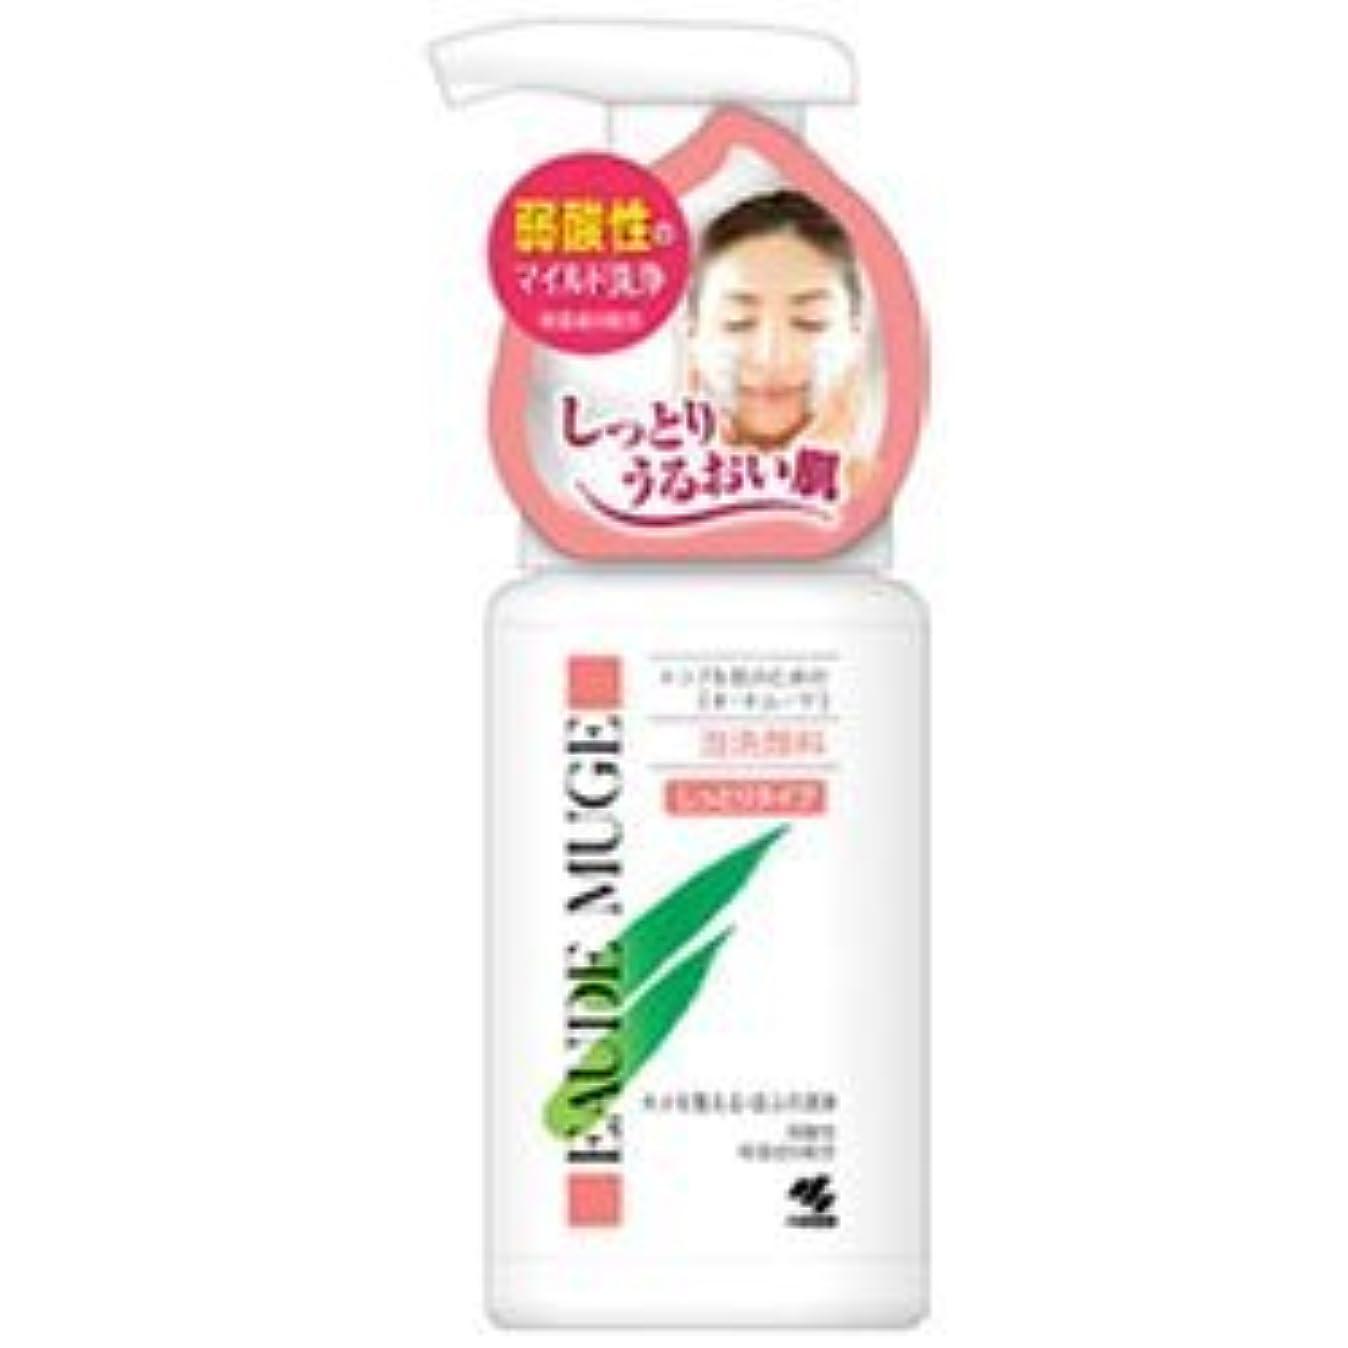 ジャンル五十魔女【小林製薬】オードムーゲ 泡洗顔料 しっとりタイプ 150ml